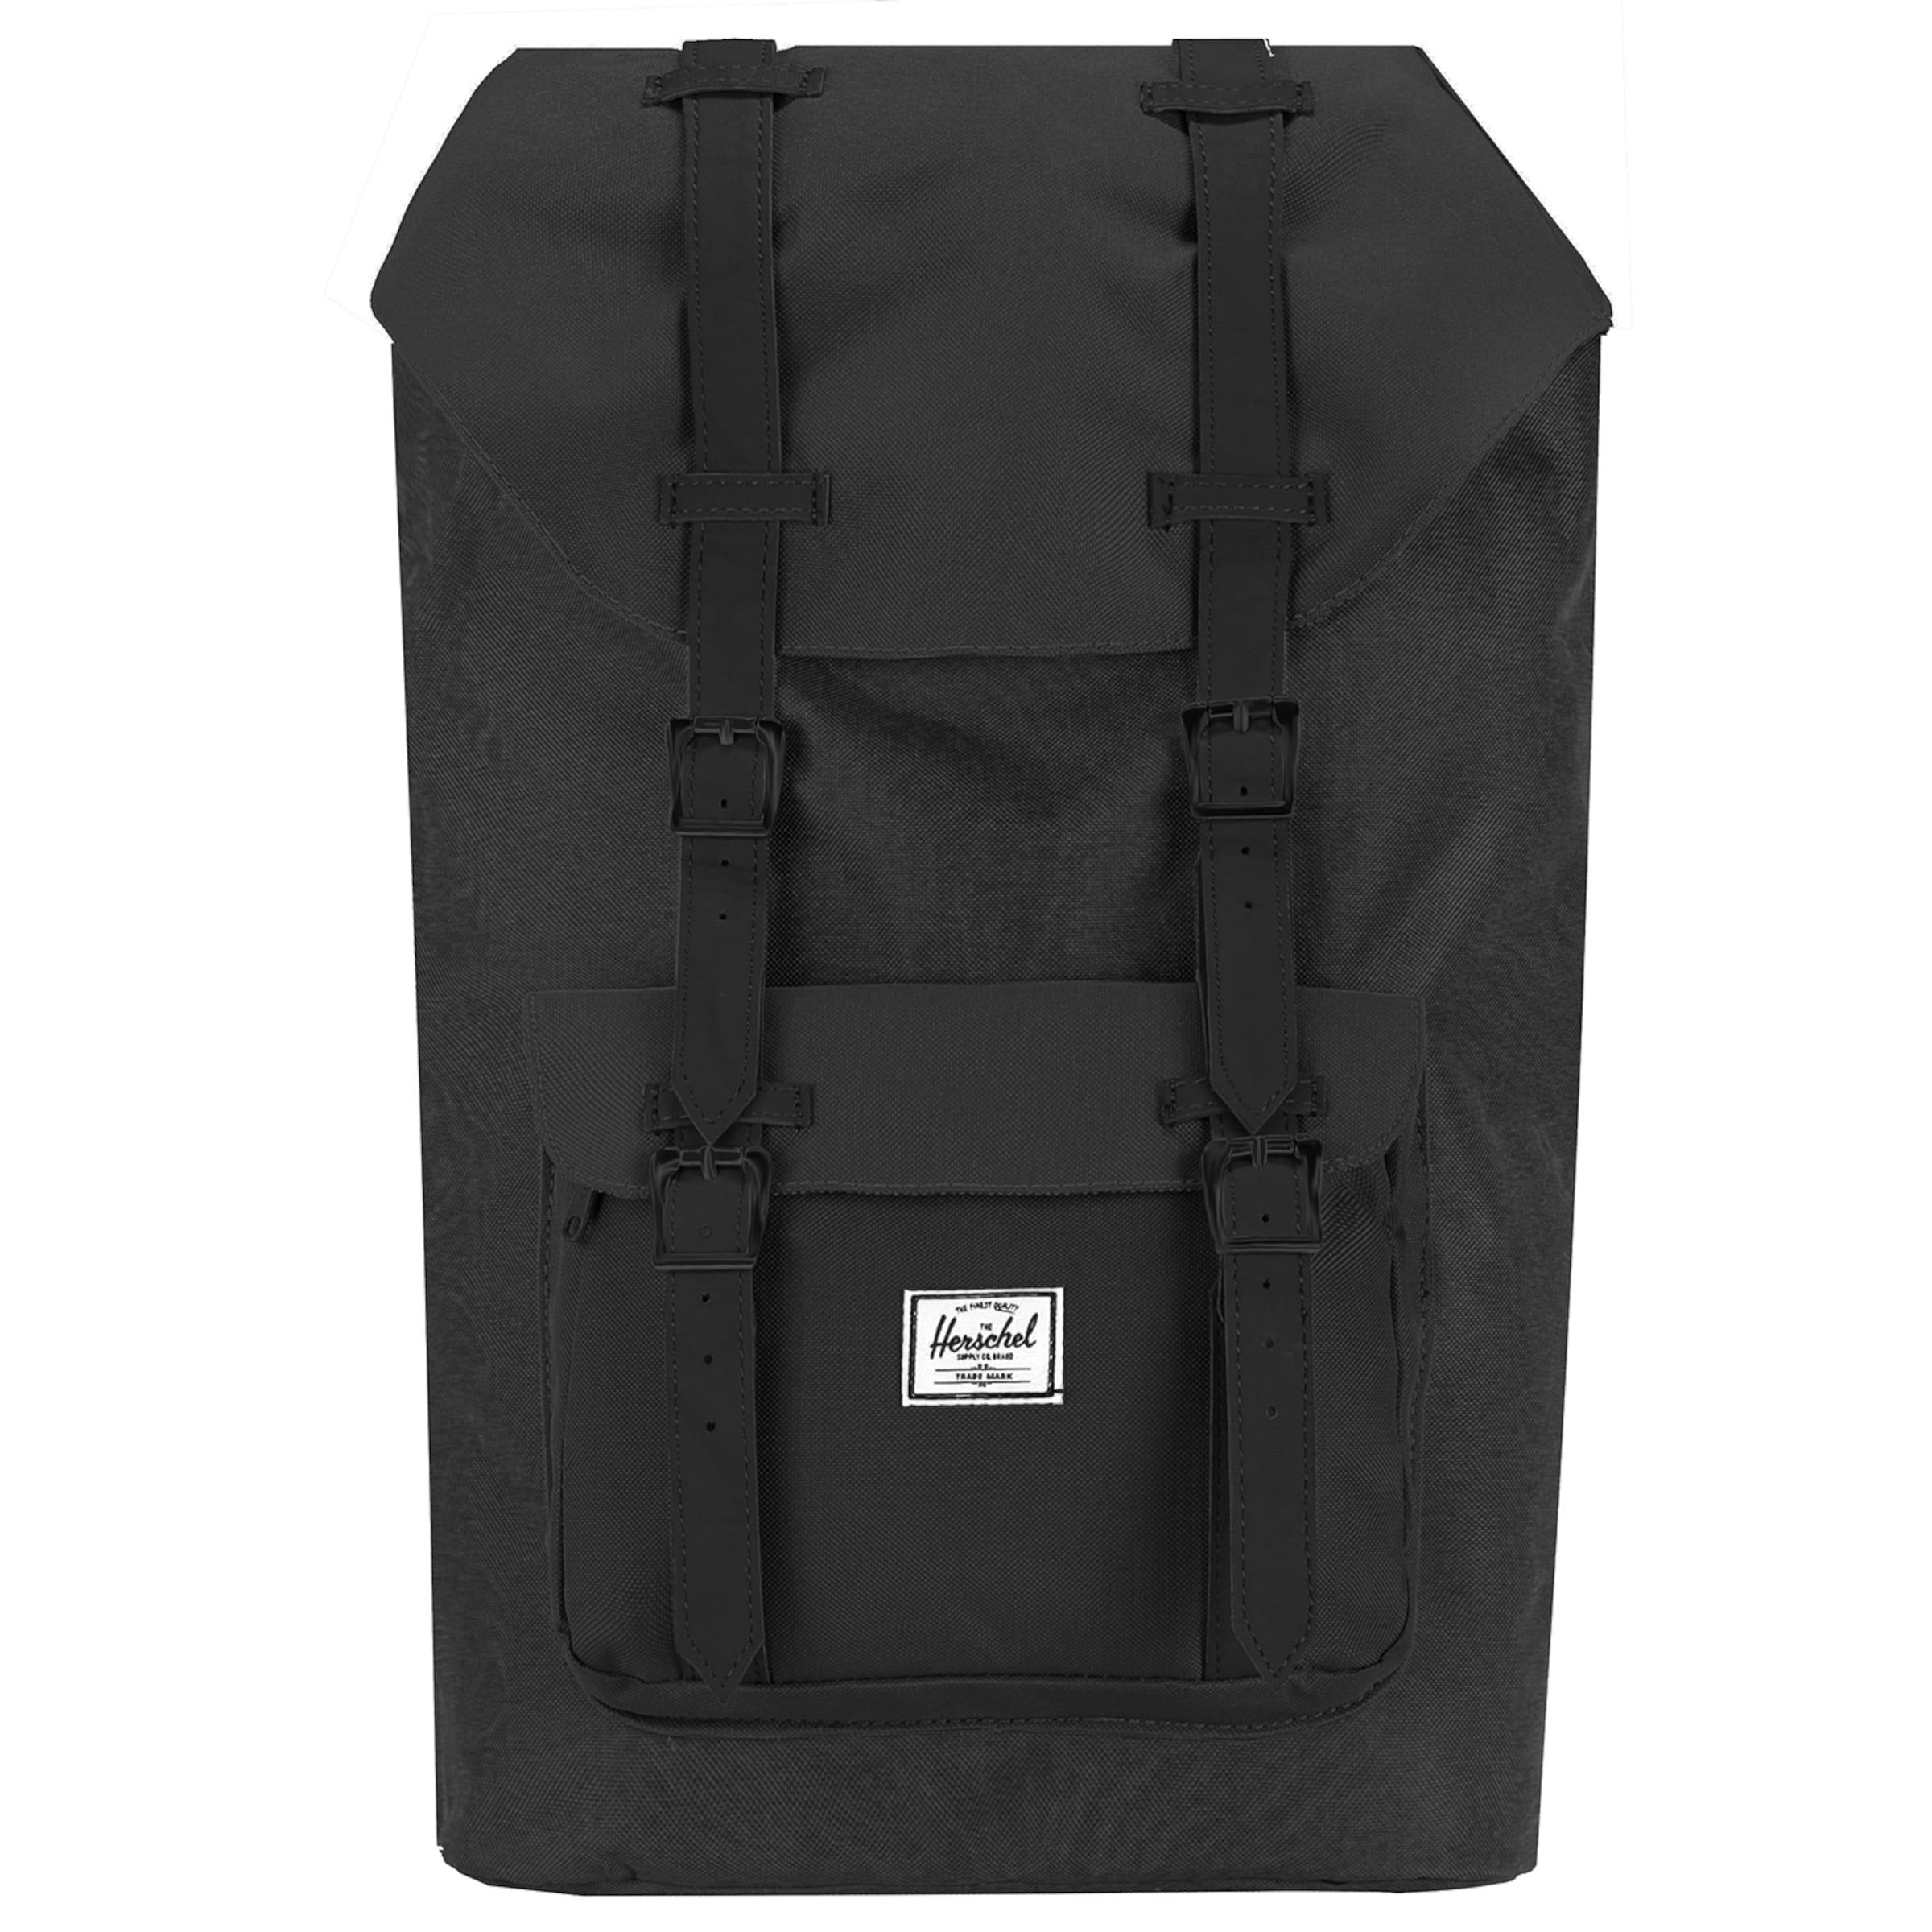 Herschel Little America Mid Volume Backpack Rucksack 38 cm Laptopfach Billig Kaufen Shop GYeOp